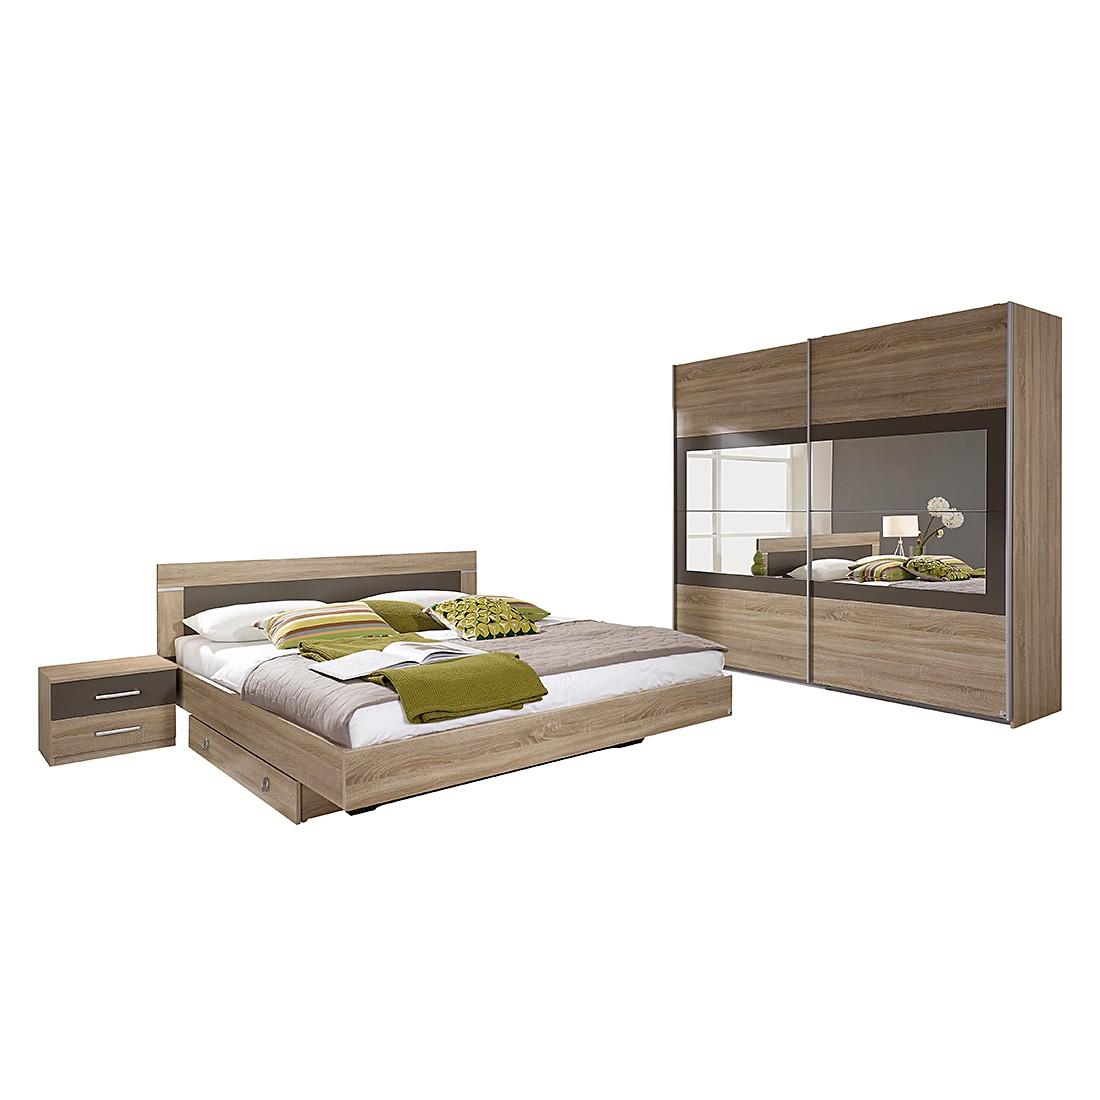 Schlafzimmerset Venlo (4 Teilig)   Eiche Sonoma Dekor/Absetzung Lavagrau |  Home24